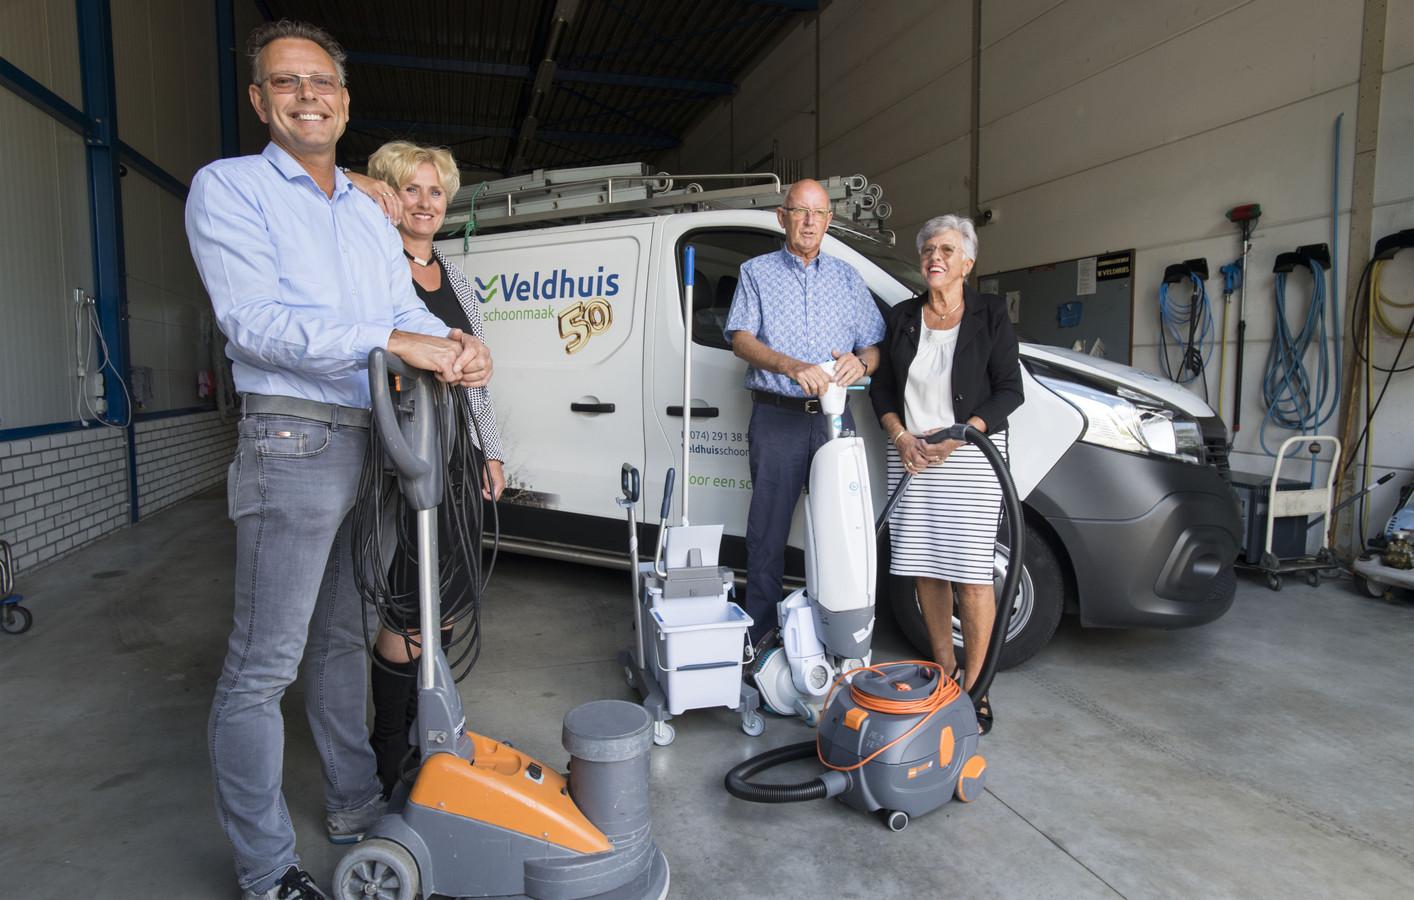 Twee generaties. Ronald en Hellen (links in beeld) zijn de huidige eigenaren. Rechts oprichter Willem en zijn vrouw Erna.